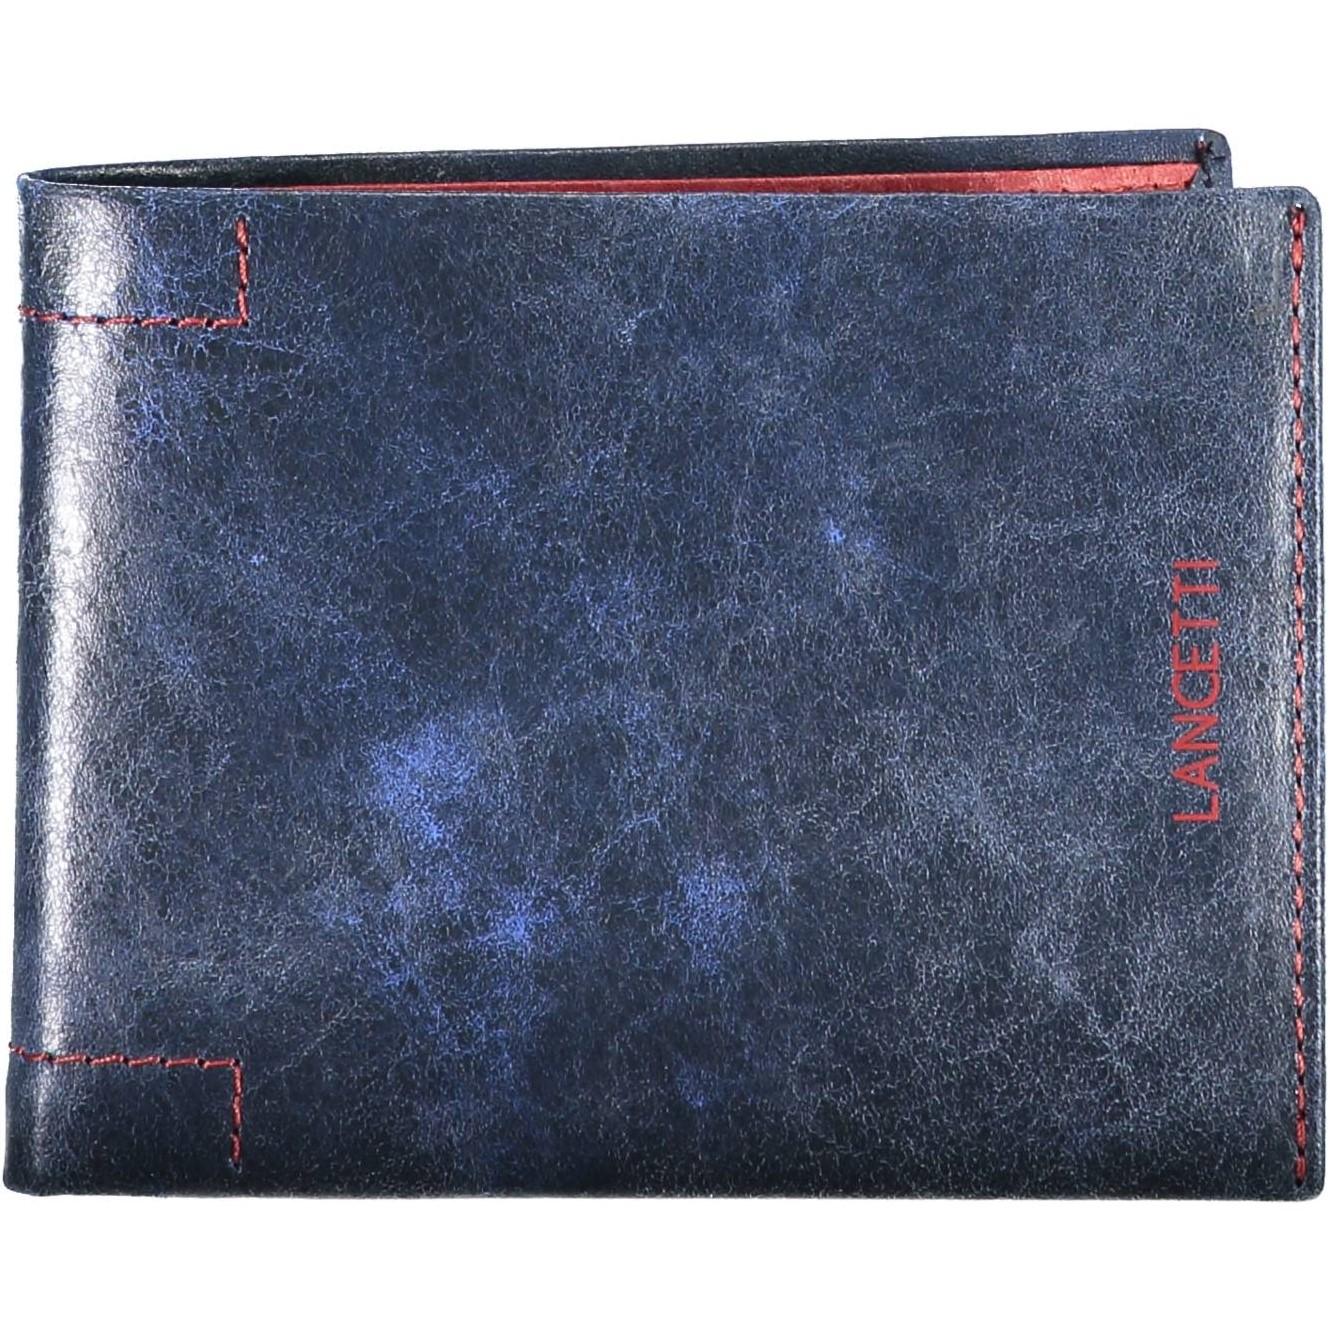 Ανδρικό δερμάτινο πορτοφόλι μπλε